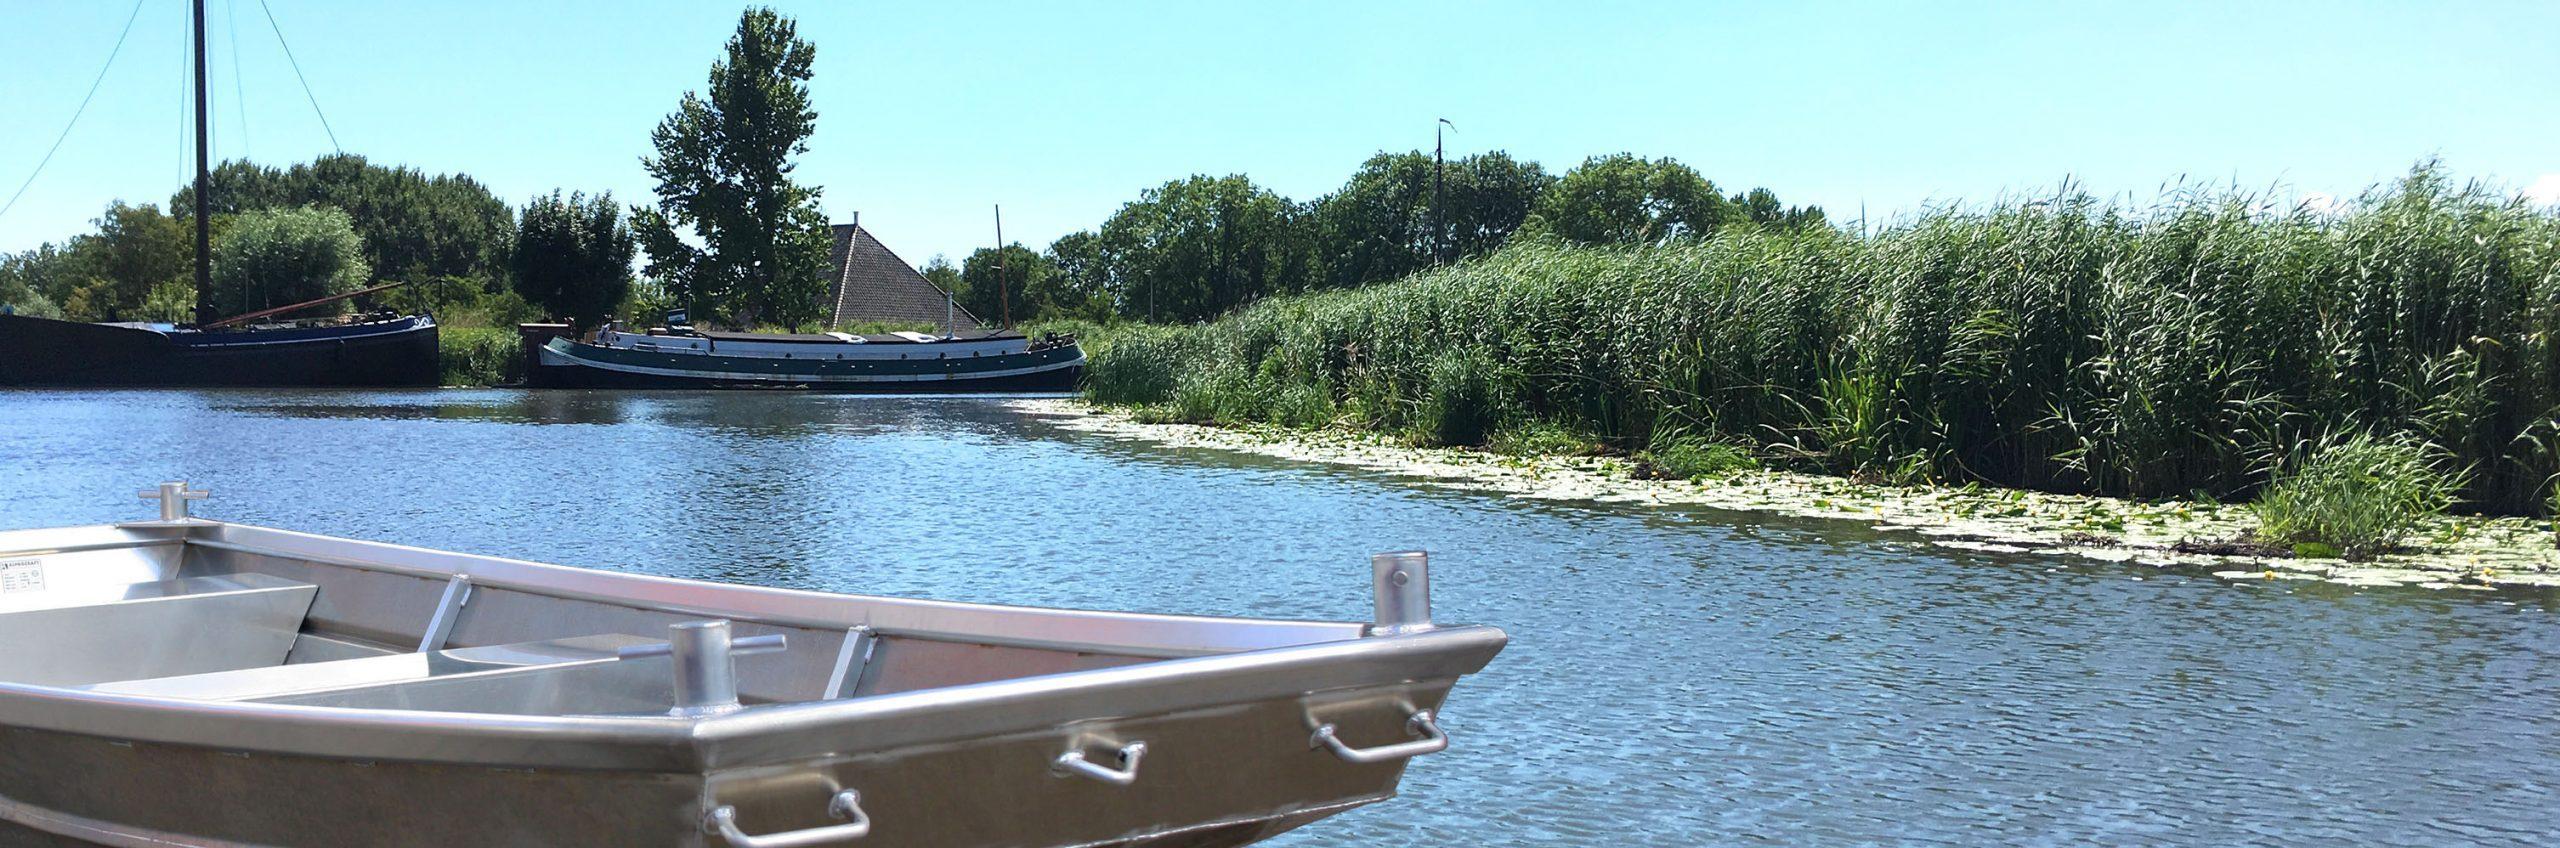 Products4ships aluminium motorboot platbodem 1 (1)